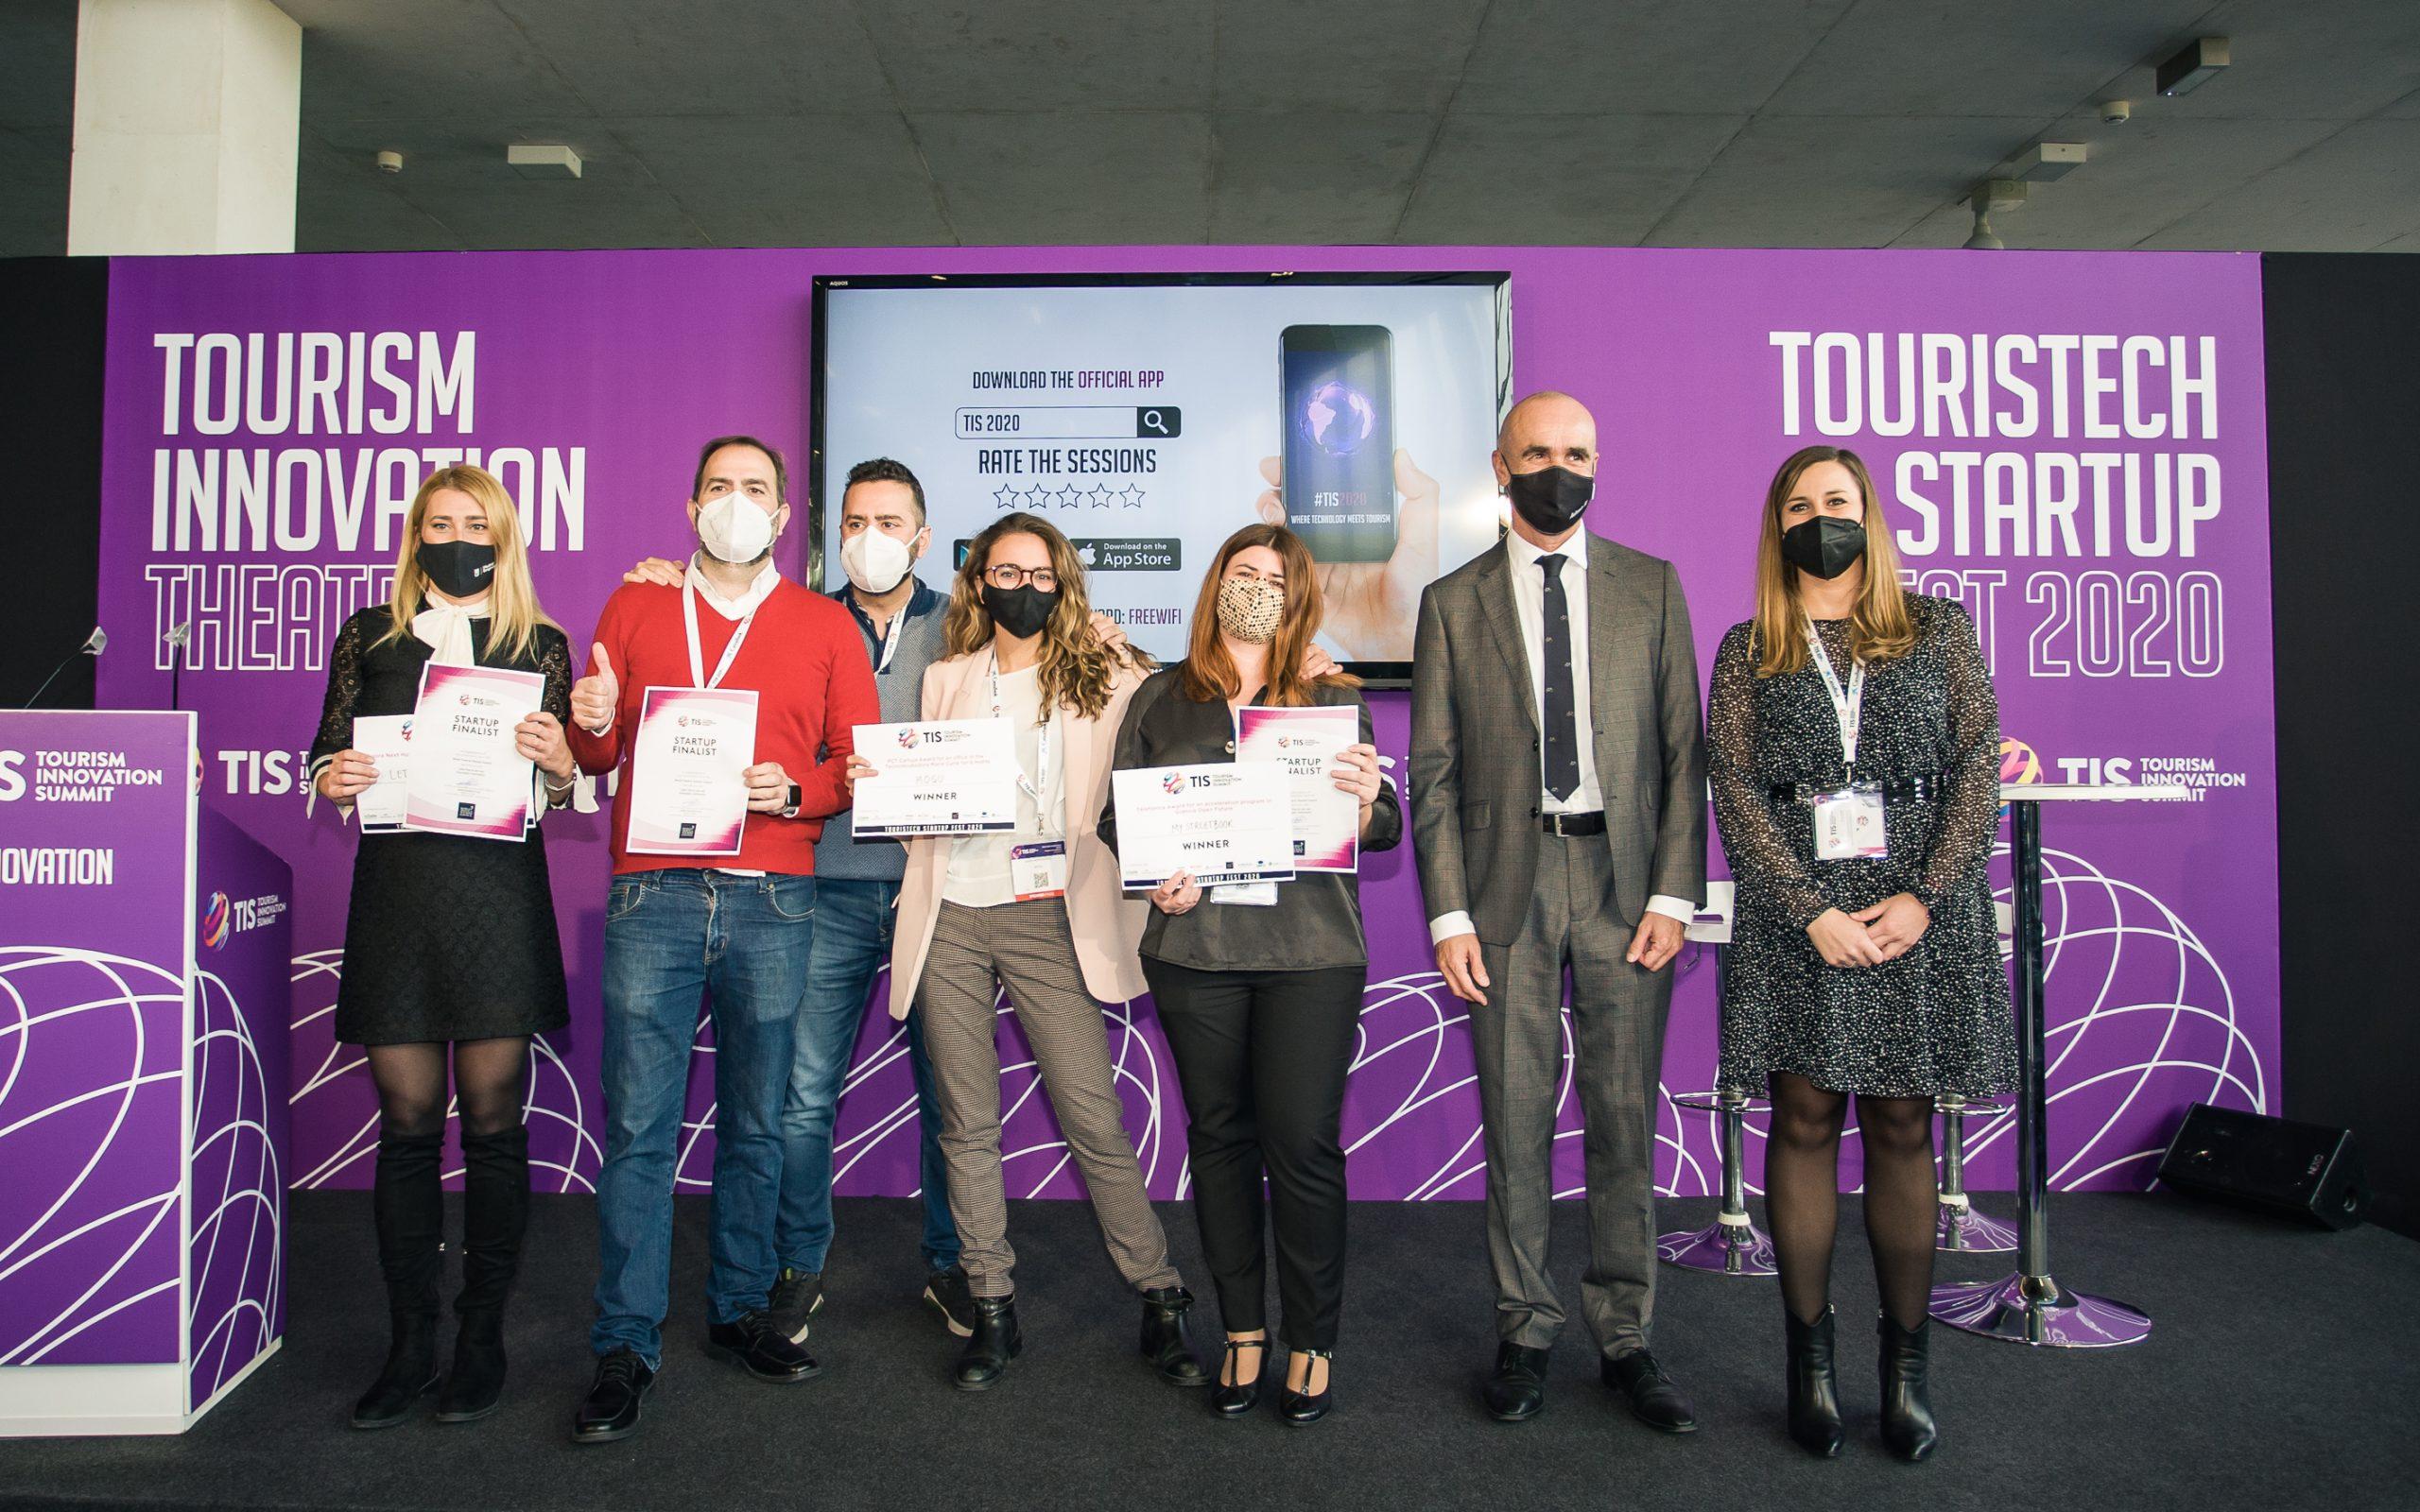 Touristech Startup Fest vuelve a Sevilla para reunir a la industria turística con las startups tecnológicas